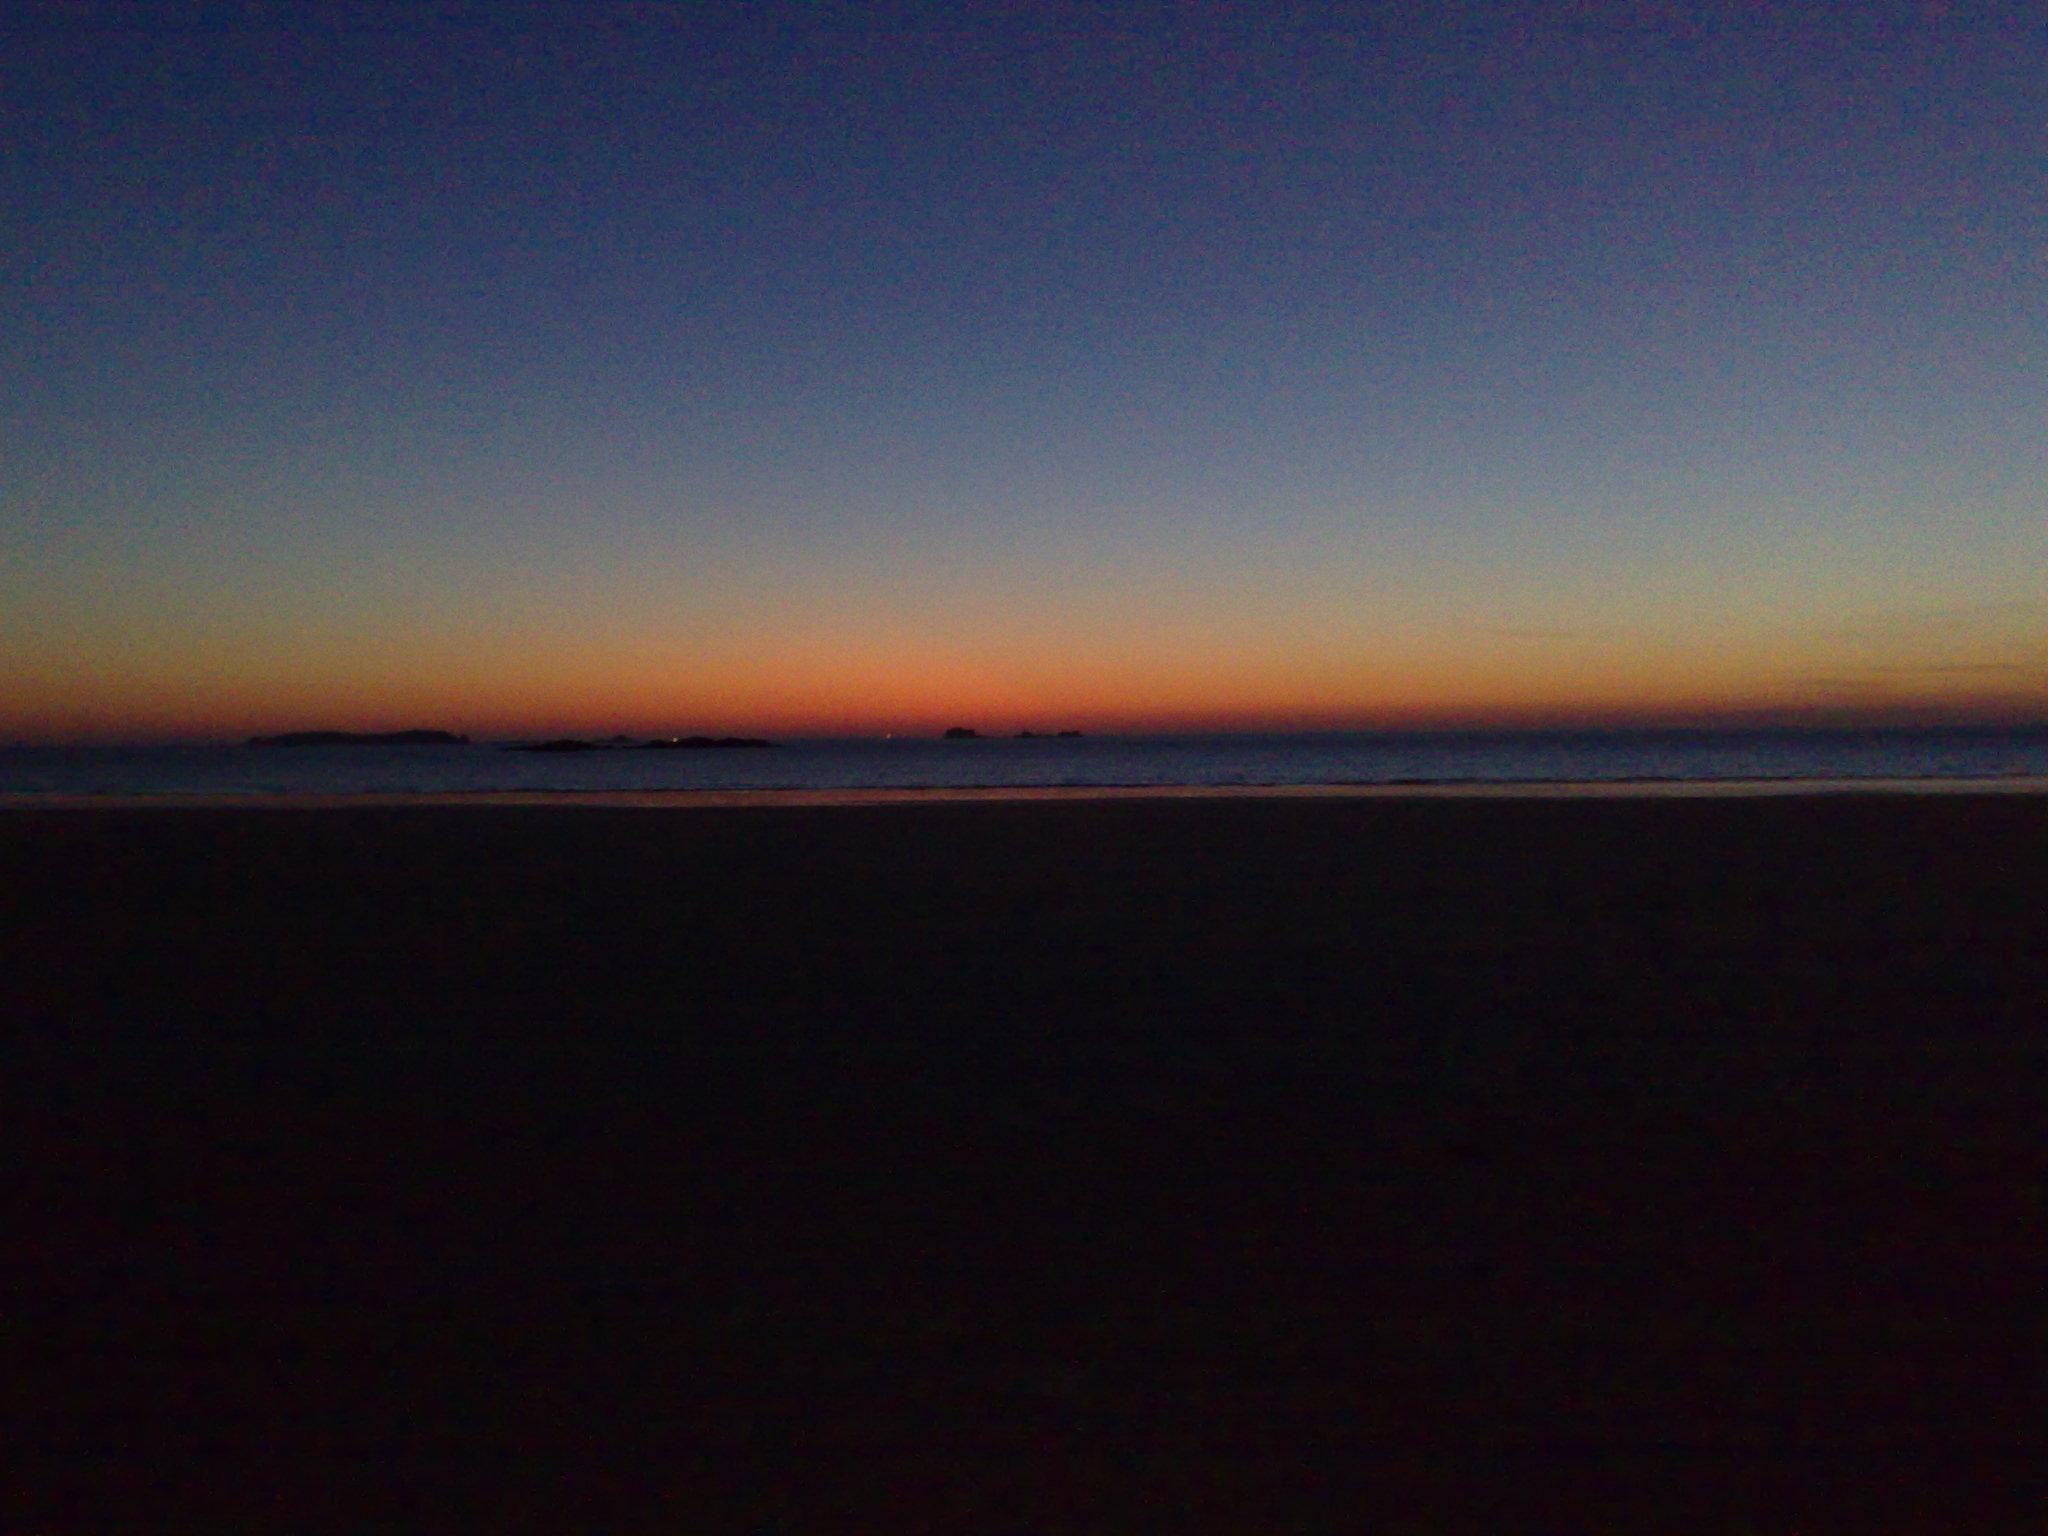 La nuit tombe sur Saint-Malo